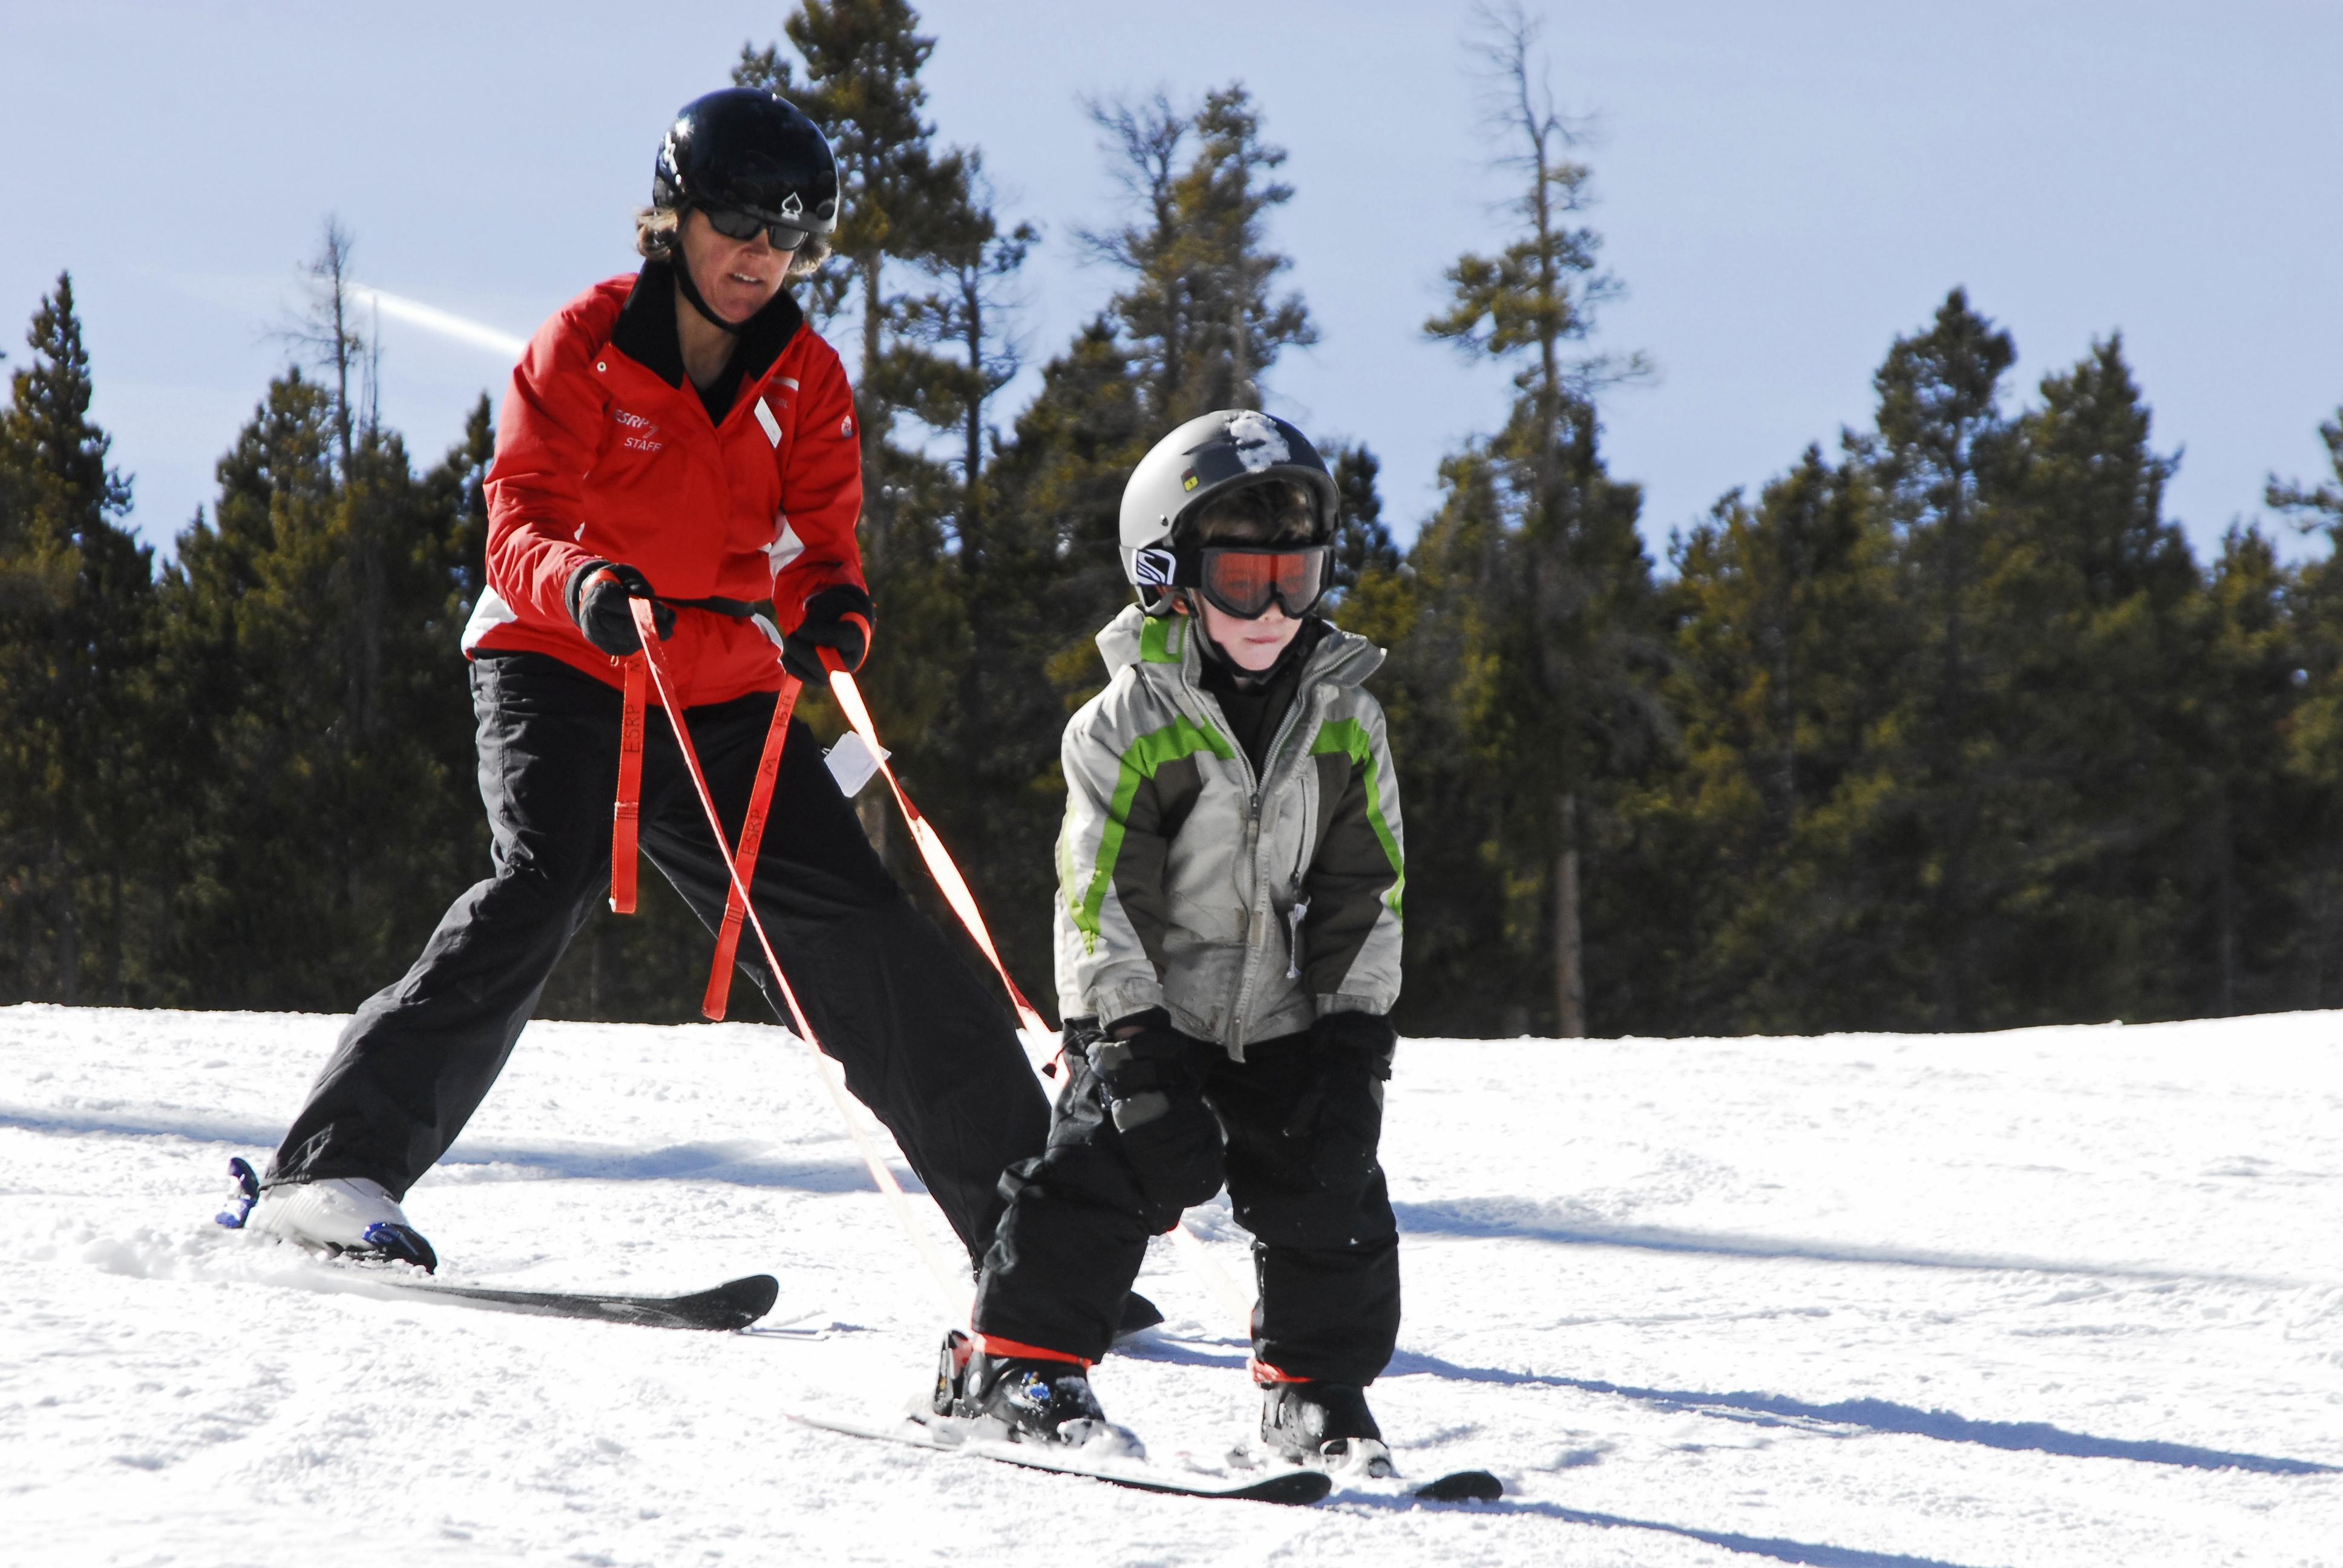 photo: Aidan Rotter skiing